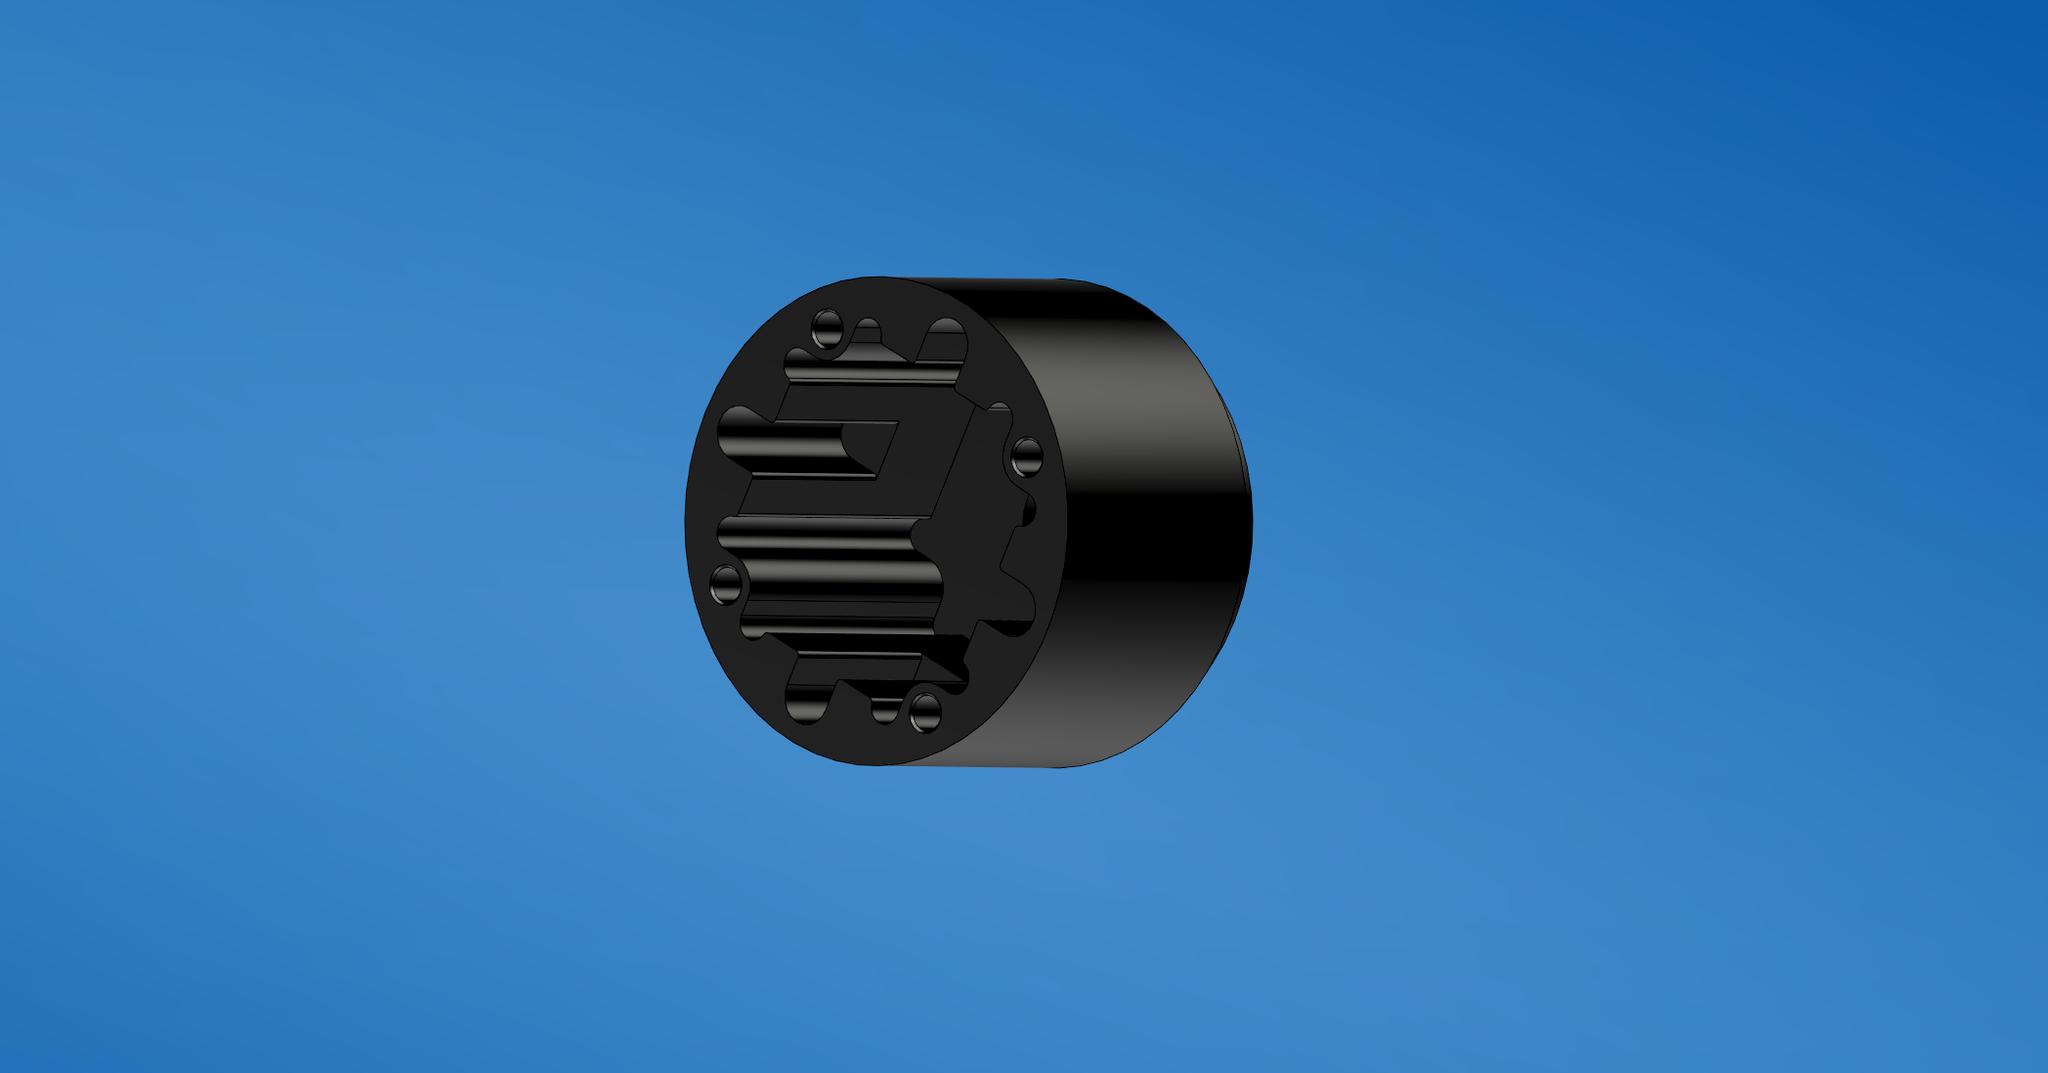 Konstruktionsphase am Differentialgehäuse, das Design vom Spritzgussteil muss aufgrund der Frässerradien zur Herstellung aus Aluminium angepasst werden.